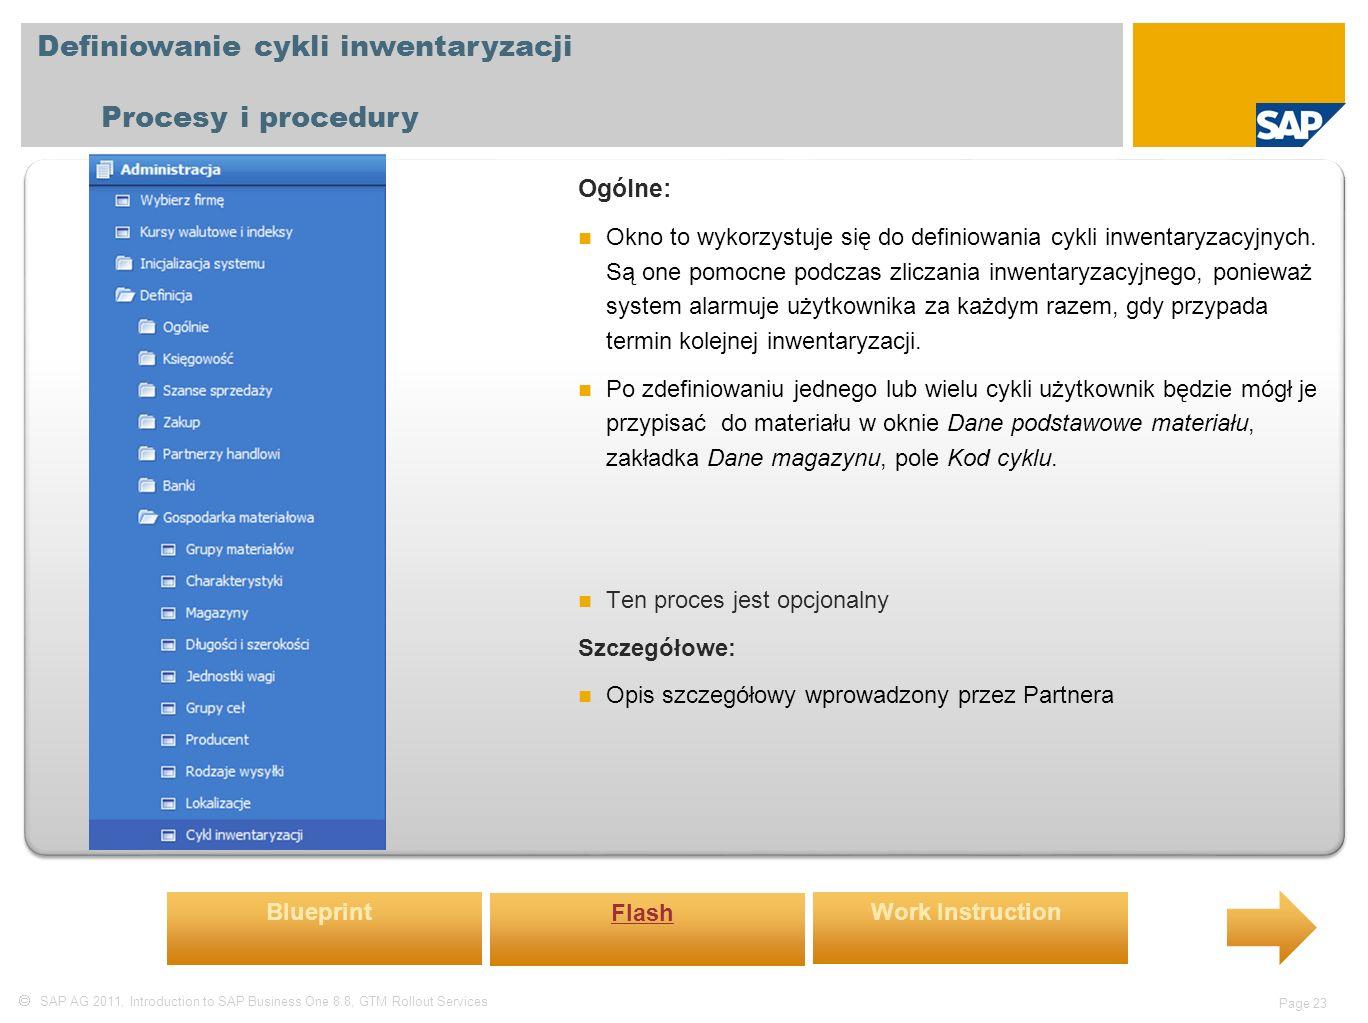  SAP AG 2011, Introduction to SAP Business One 8.8, GTM Rollout Services Page 23 Definiowanie cykli inwentaryzacji Procesy i procedury Ogólne: Okno to wykorzystuje się do definiowania cykli inwentaryzacyjnych.